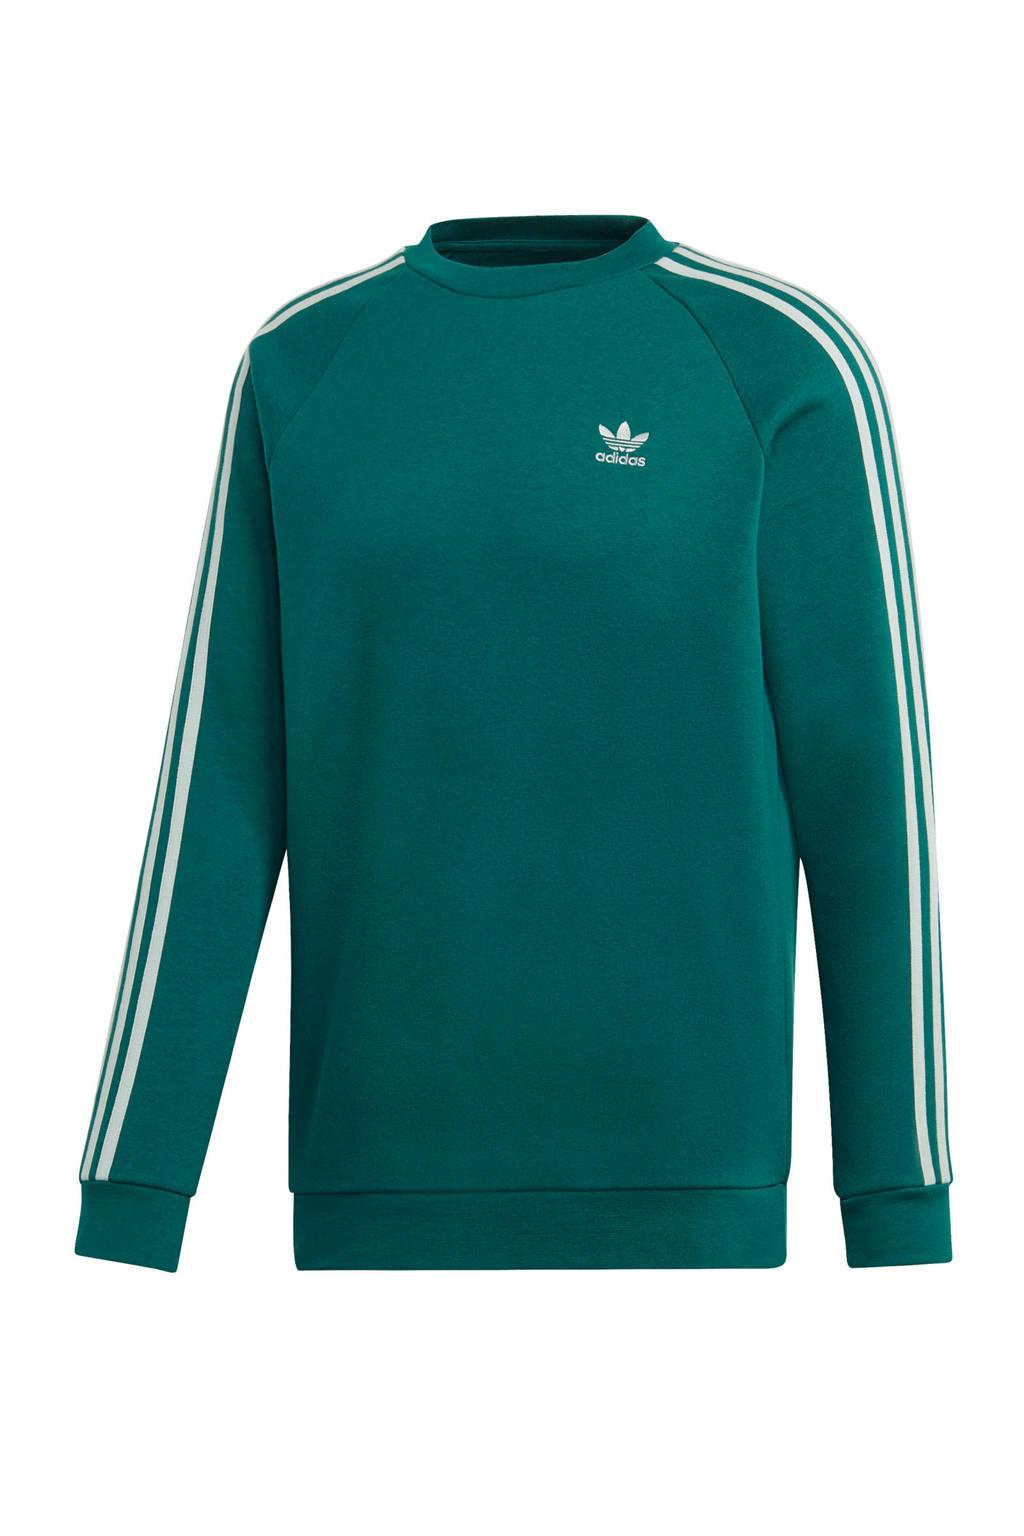 adidas originals   Adicolor sweater groen, Groen/wit